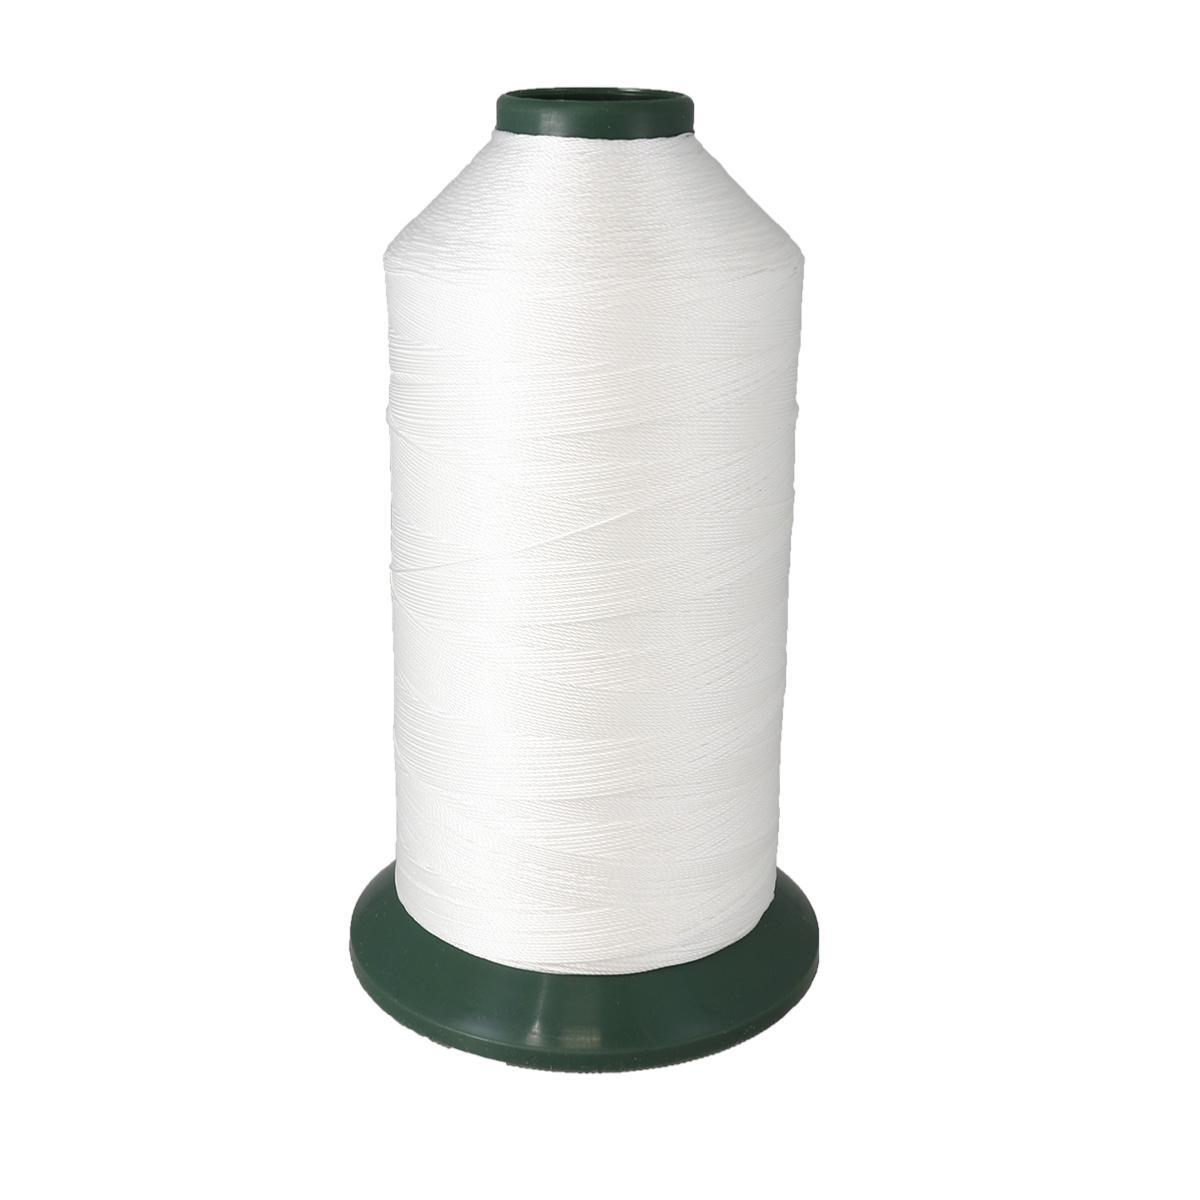 Bobine de fil polyester retors N° 20 - 1500 mètres